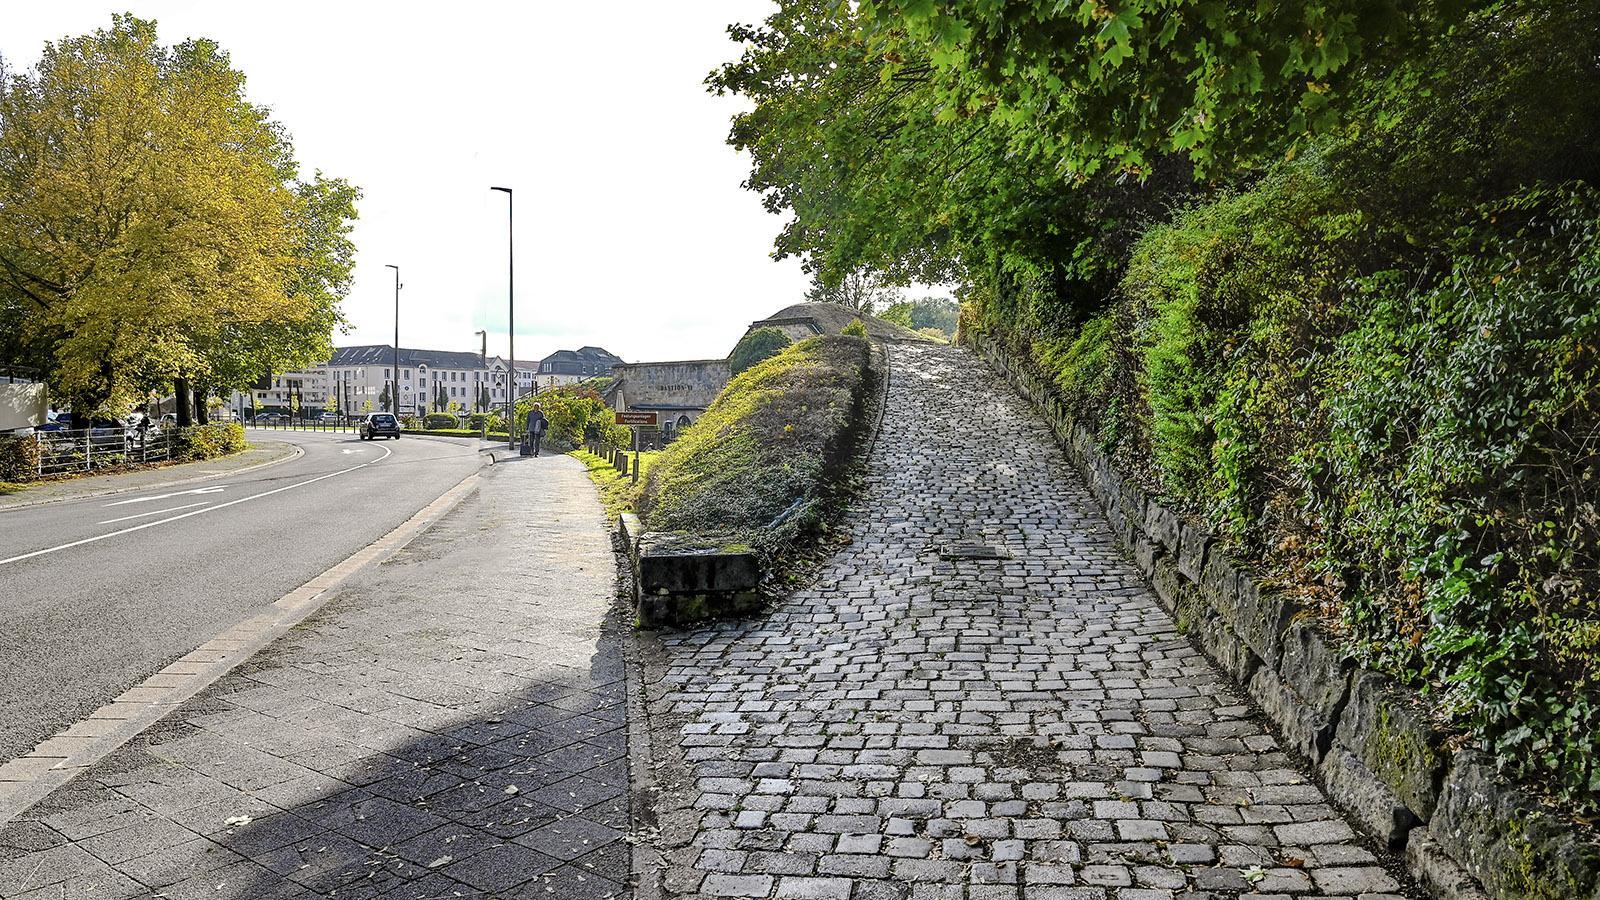 Saarlouis: Der Aufgang zur Bastion VI. Foto: Hilke Maunder